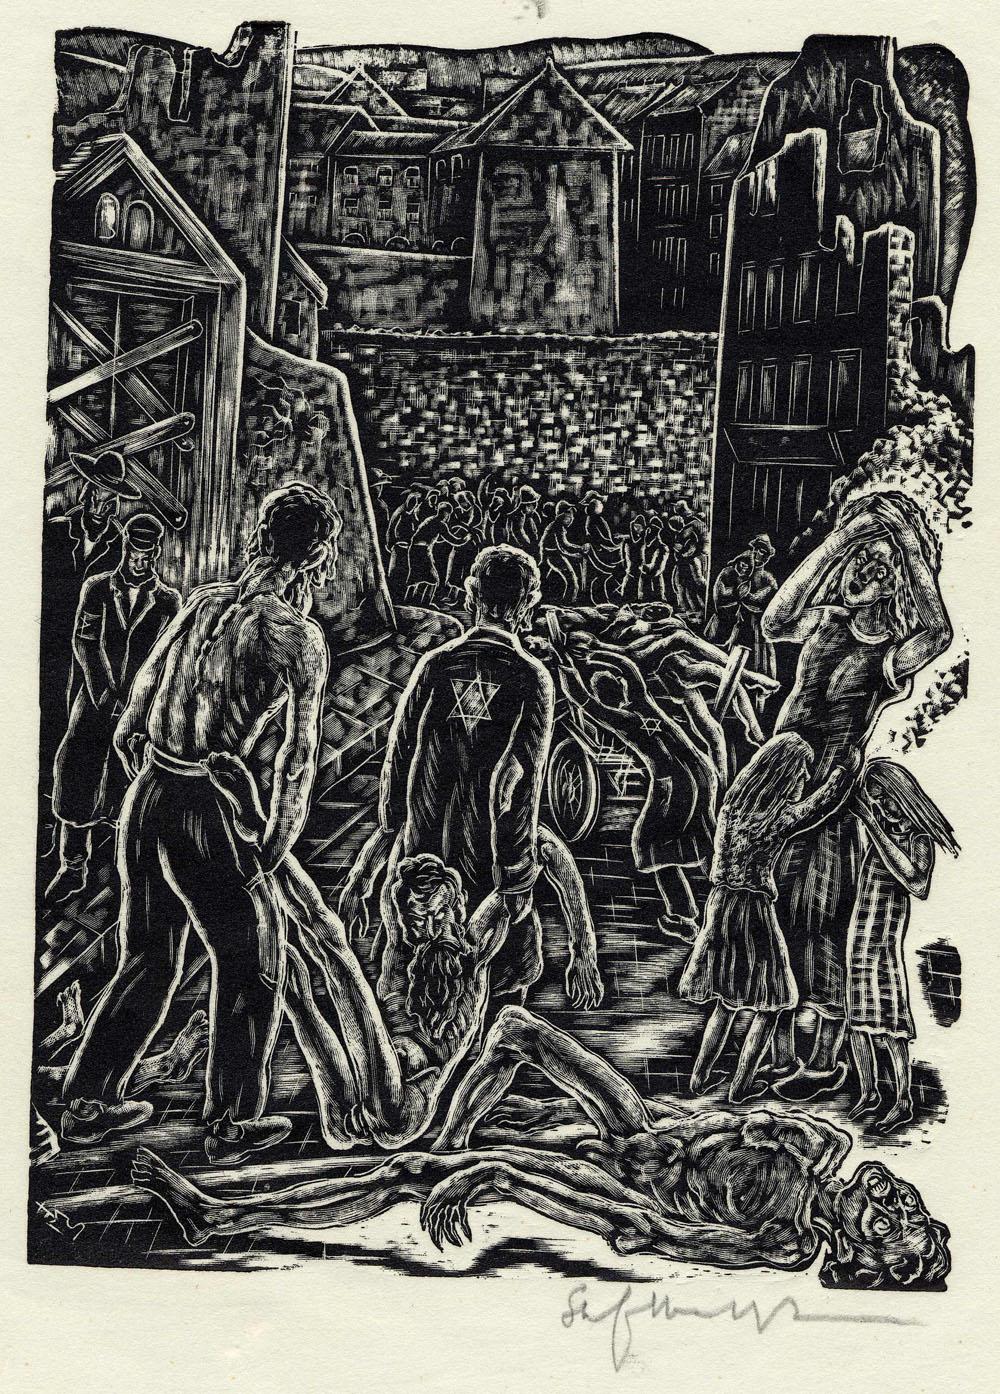 ''La mort rôde dans les rues'', estampe réalisée par Stefan Mrozewski